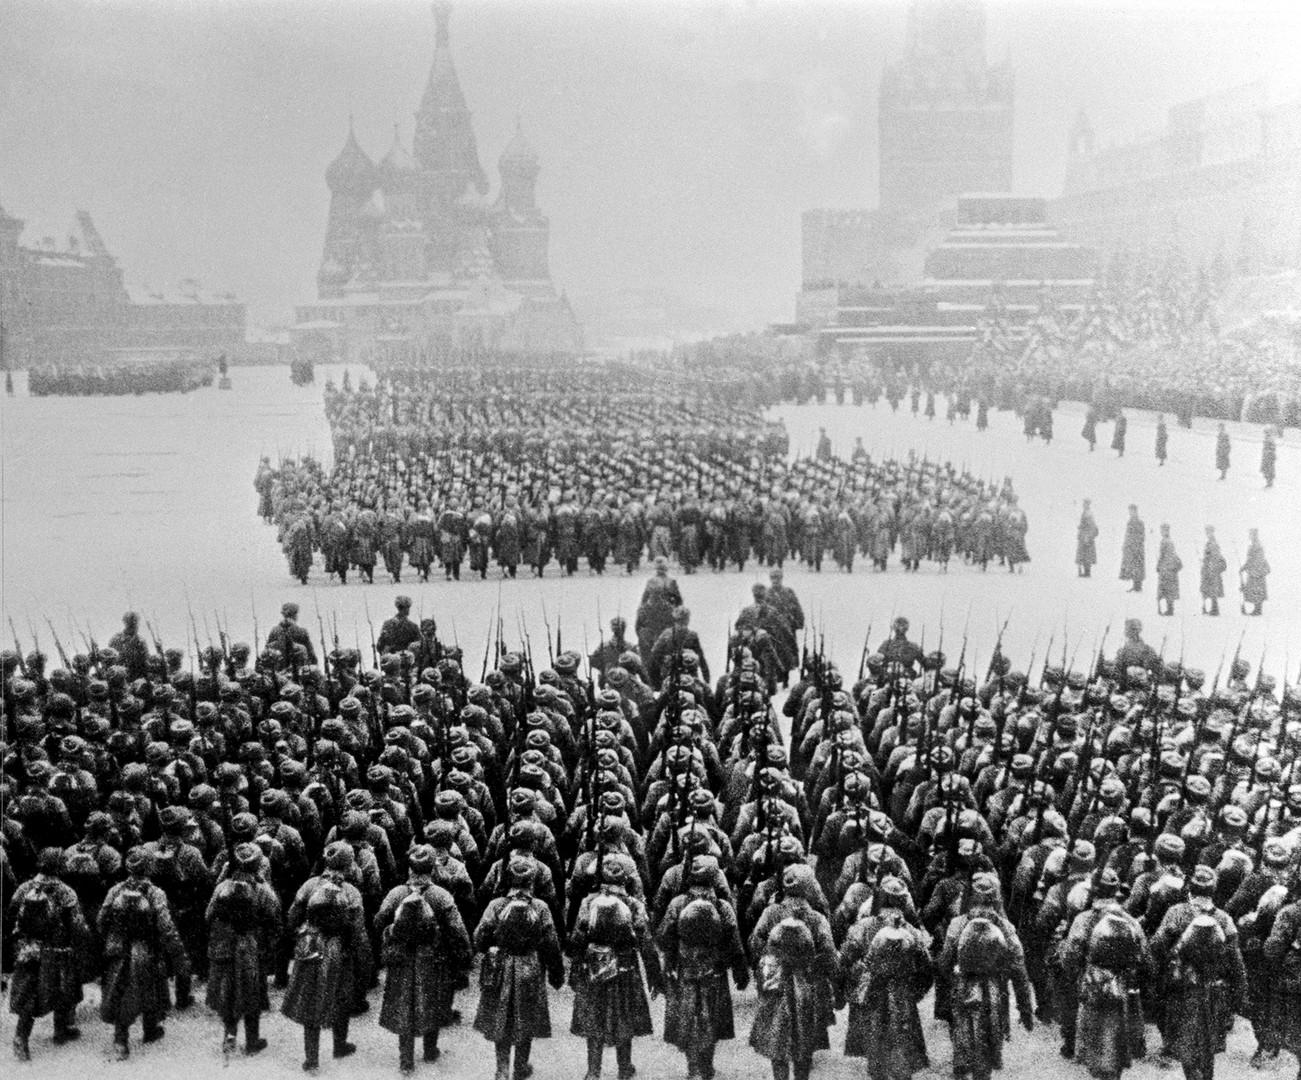 Truppe sovietiche in Piazza Rossa si preparano a marciare verso la linea del fronte, 7 novembre 1941